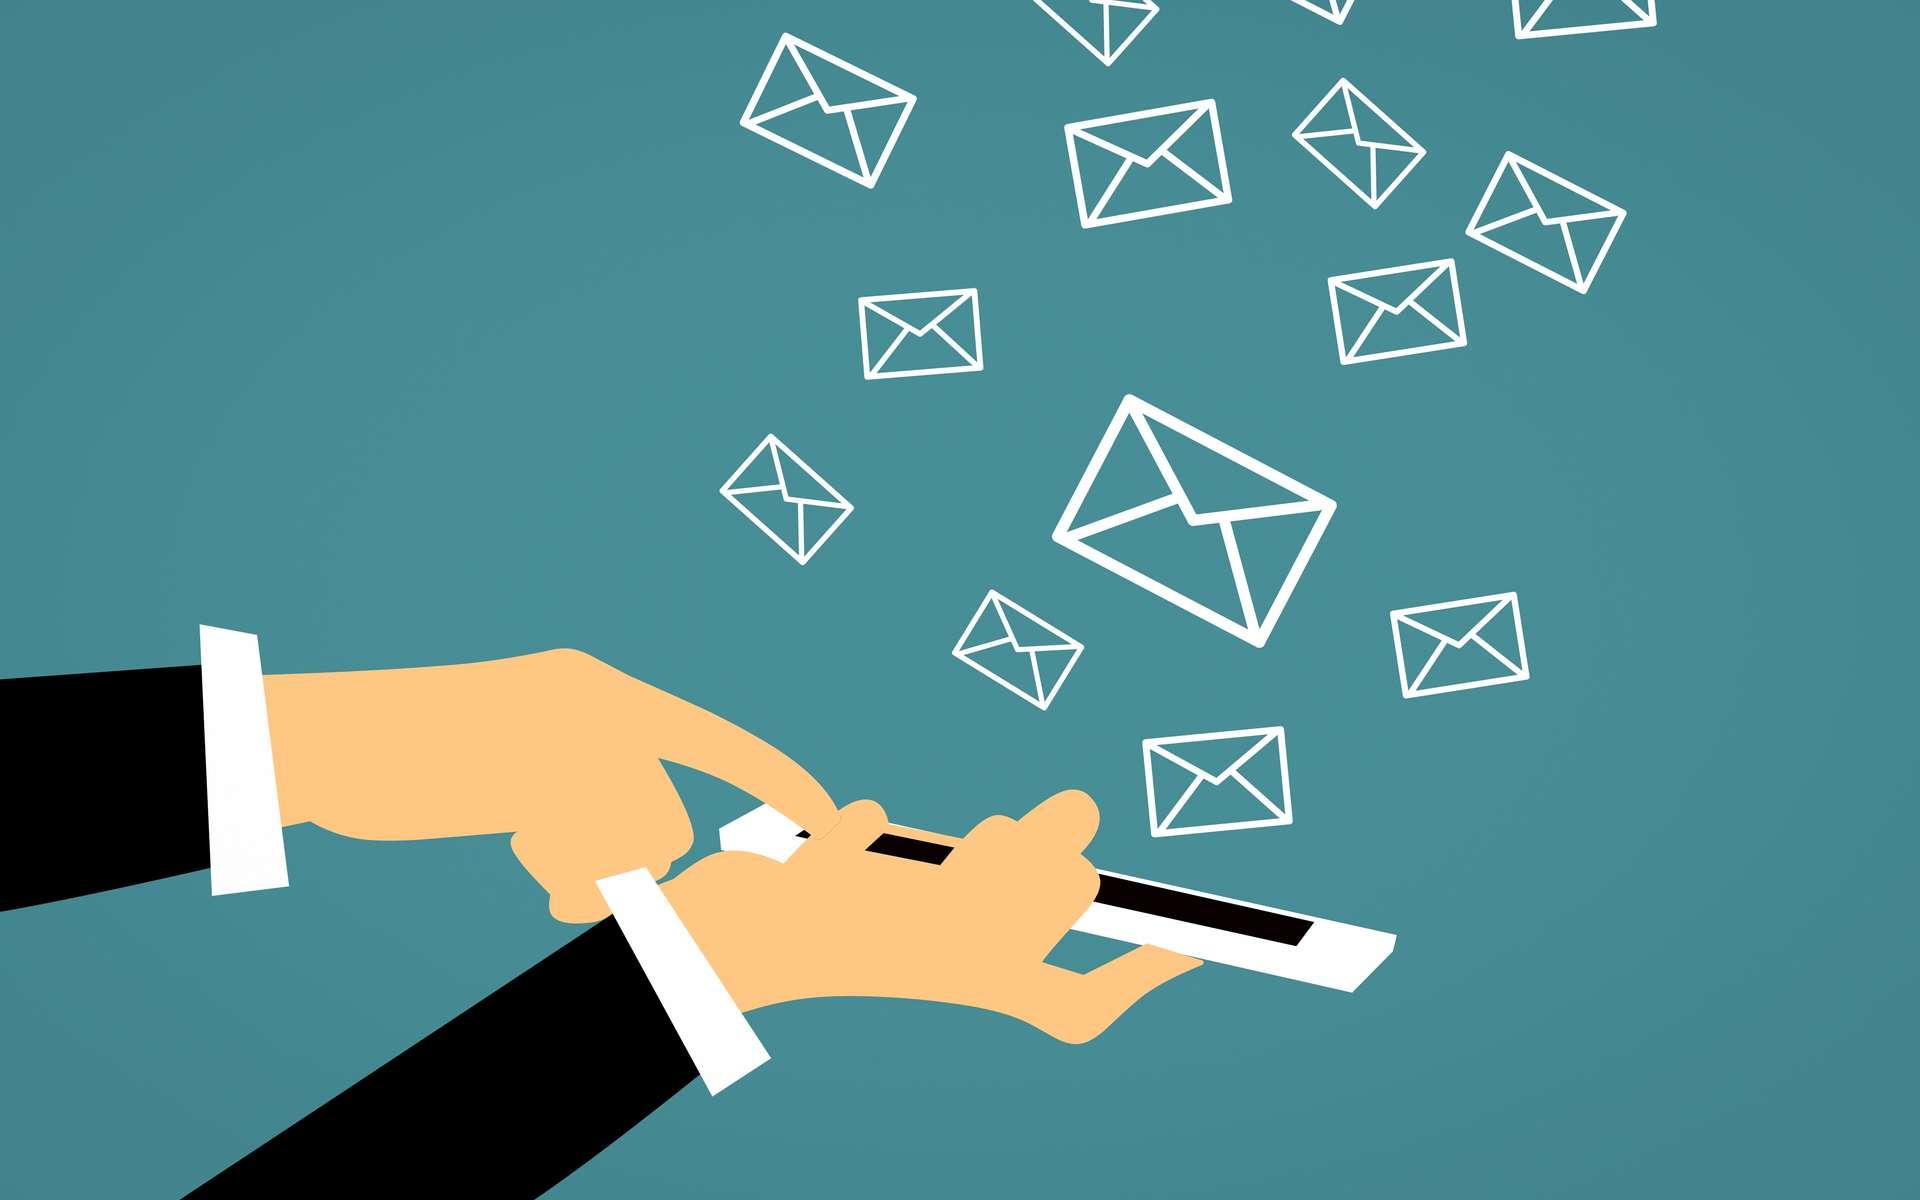 Déployez votre campagne SMS Drive-to-Store pour transformer vos clients web en clients physiques. © Pxhere, CC0, domaine public